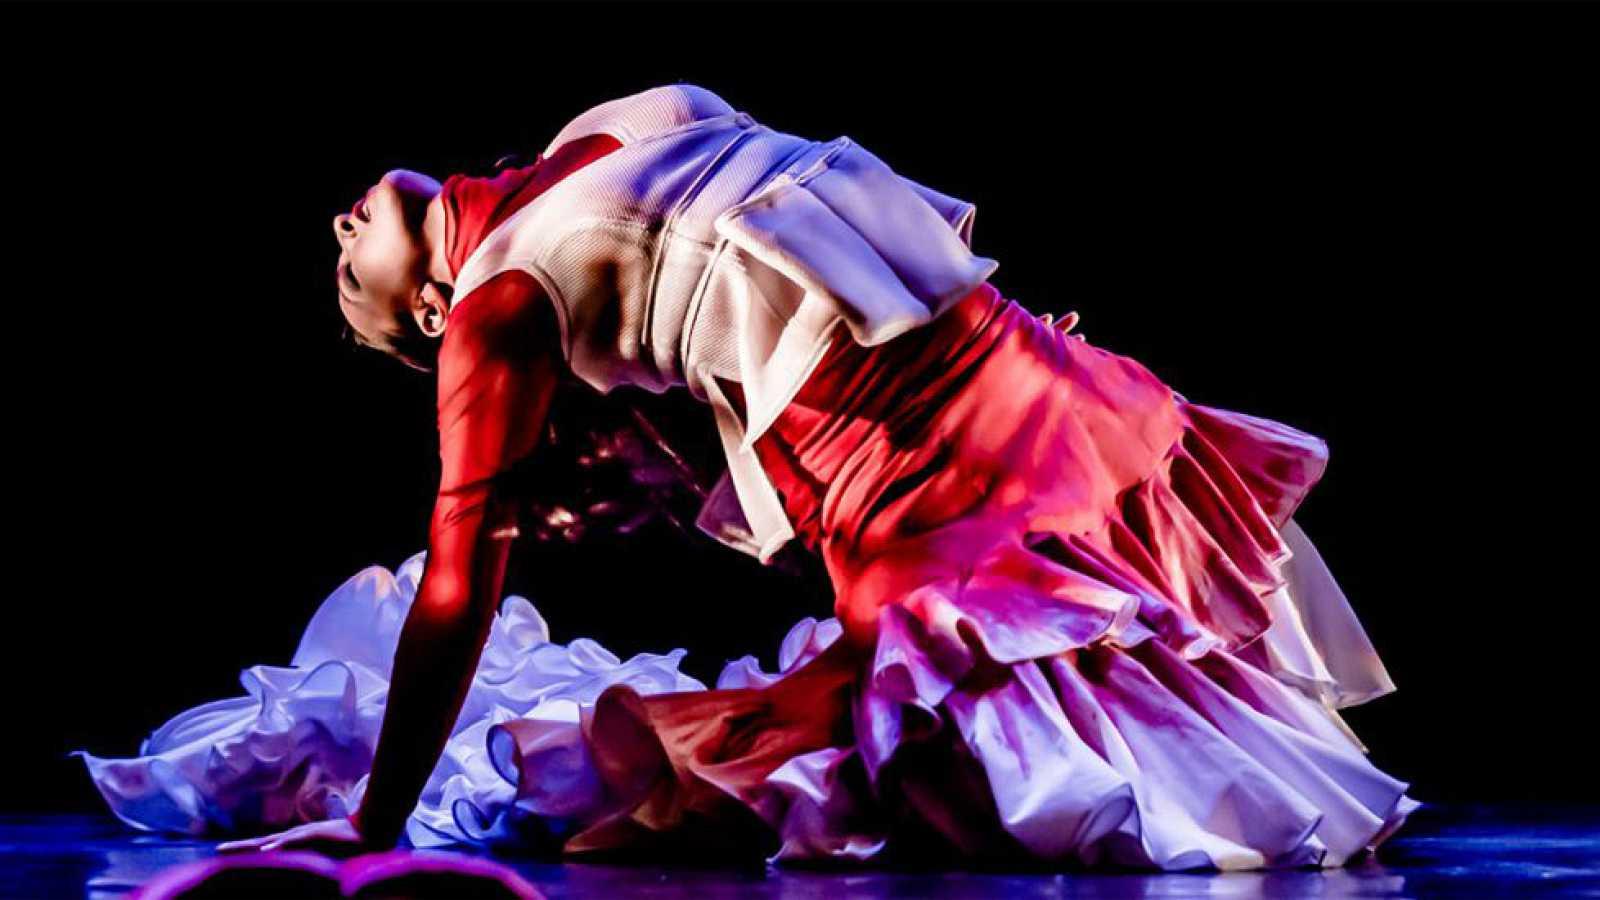 Artesfera - Sara Cano y Manuel Liñán en el Flamenco Festival de Nueva York - 11/03/20 - Escuchar ahora